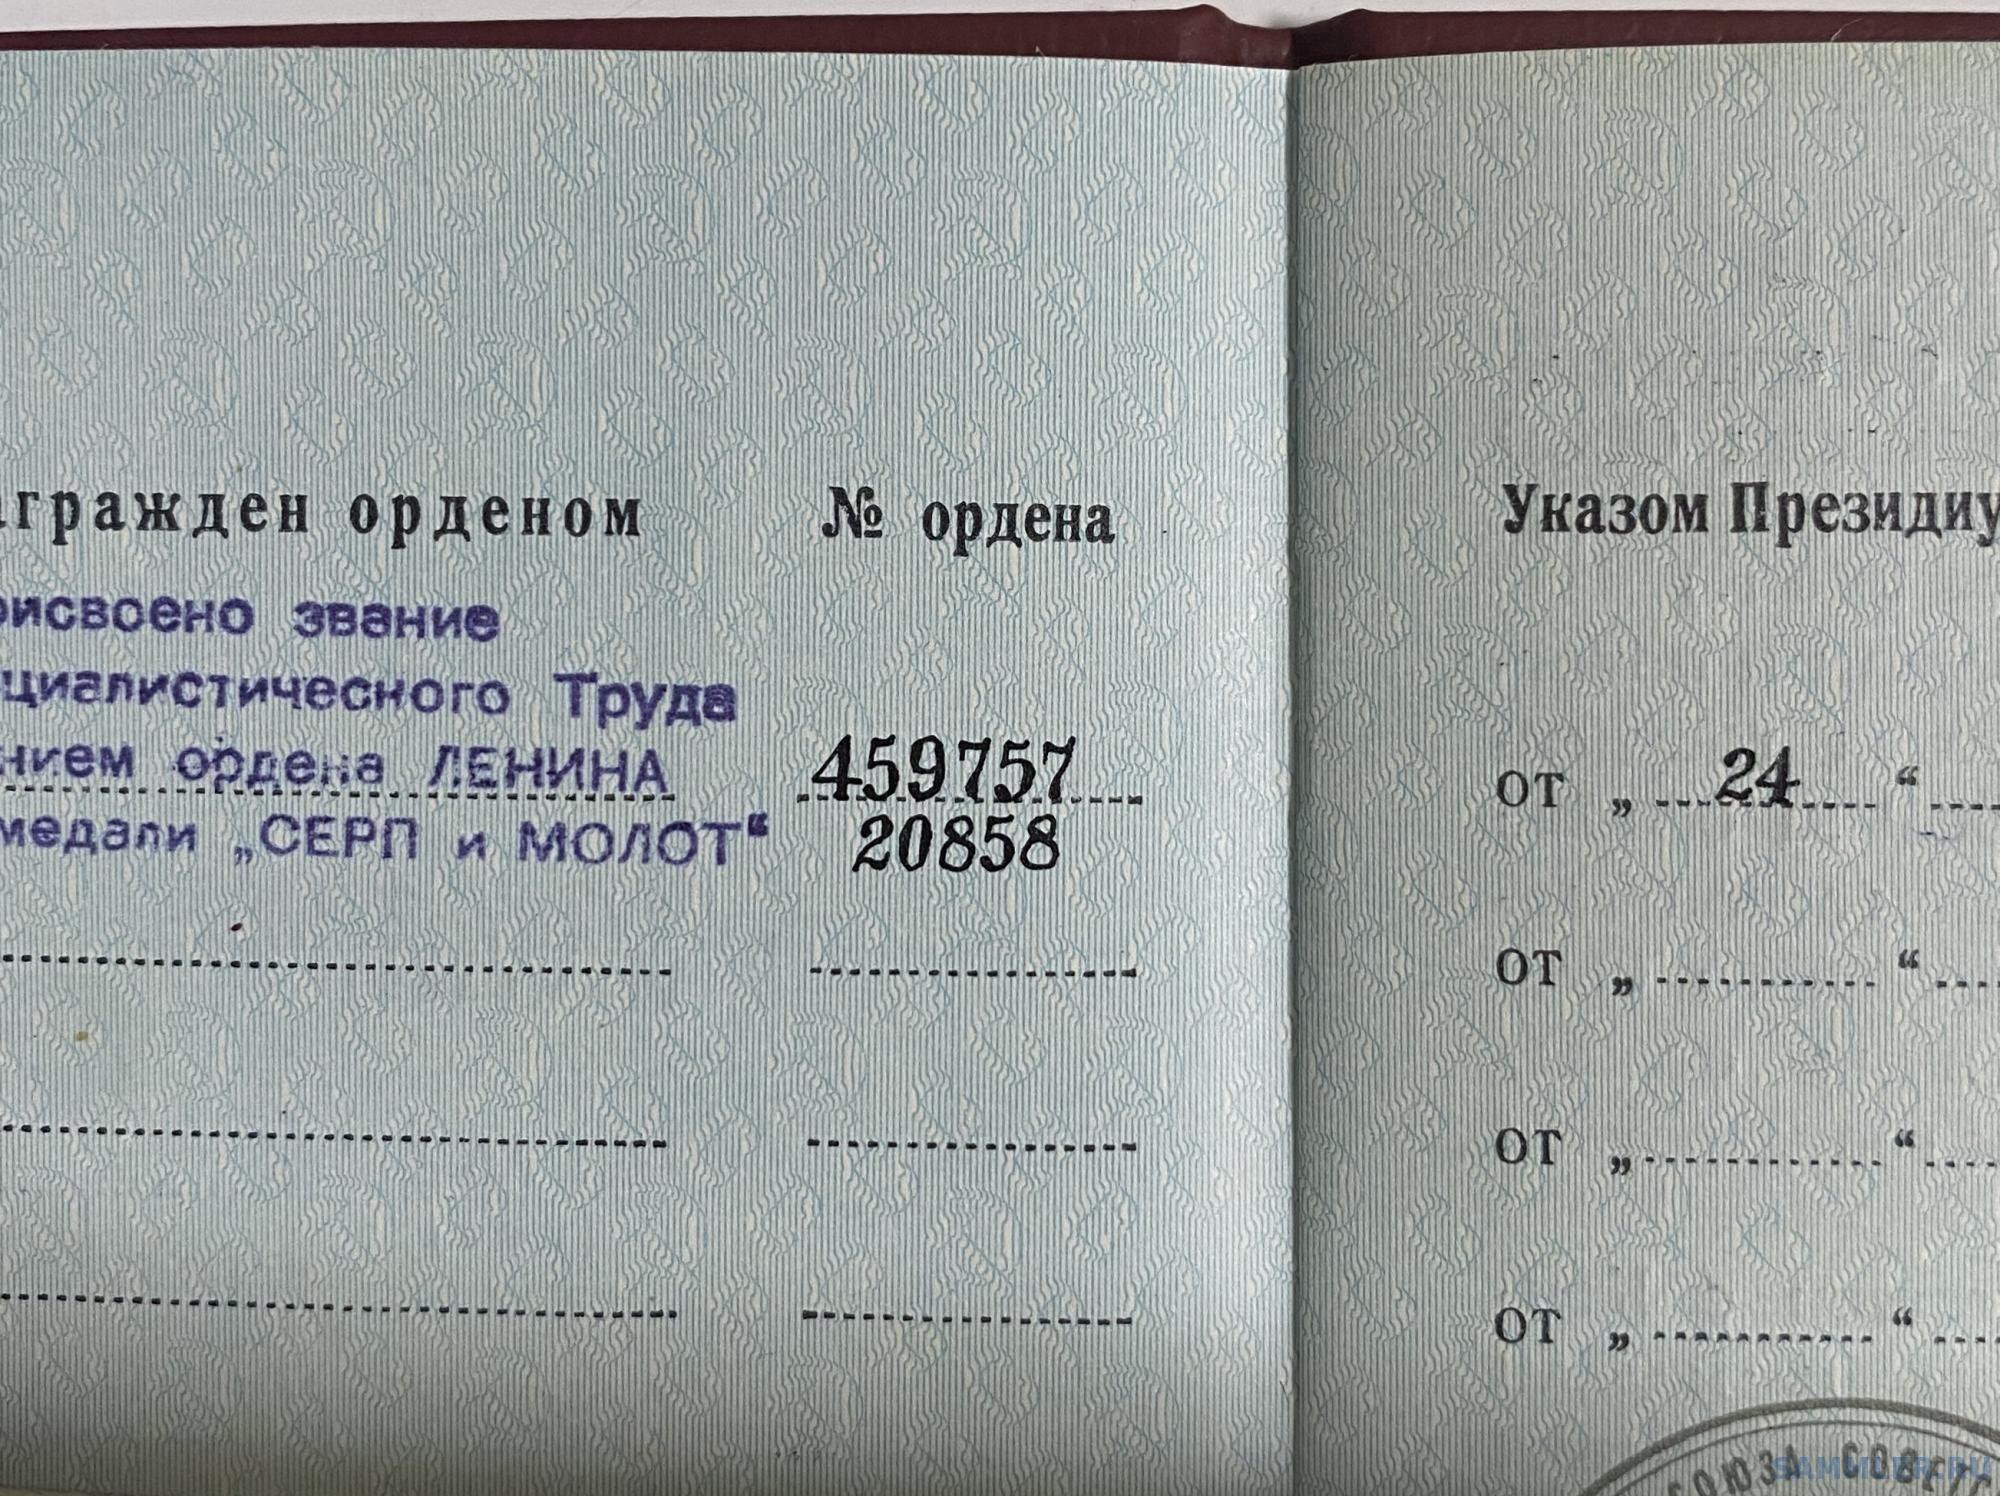 245FC5BF-A962-4214-882C-DA20CFBB76D3.jpeg